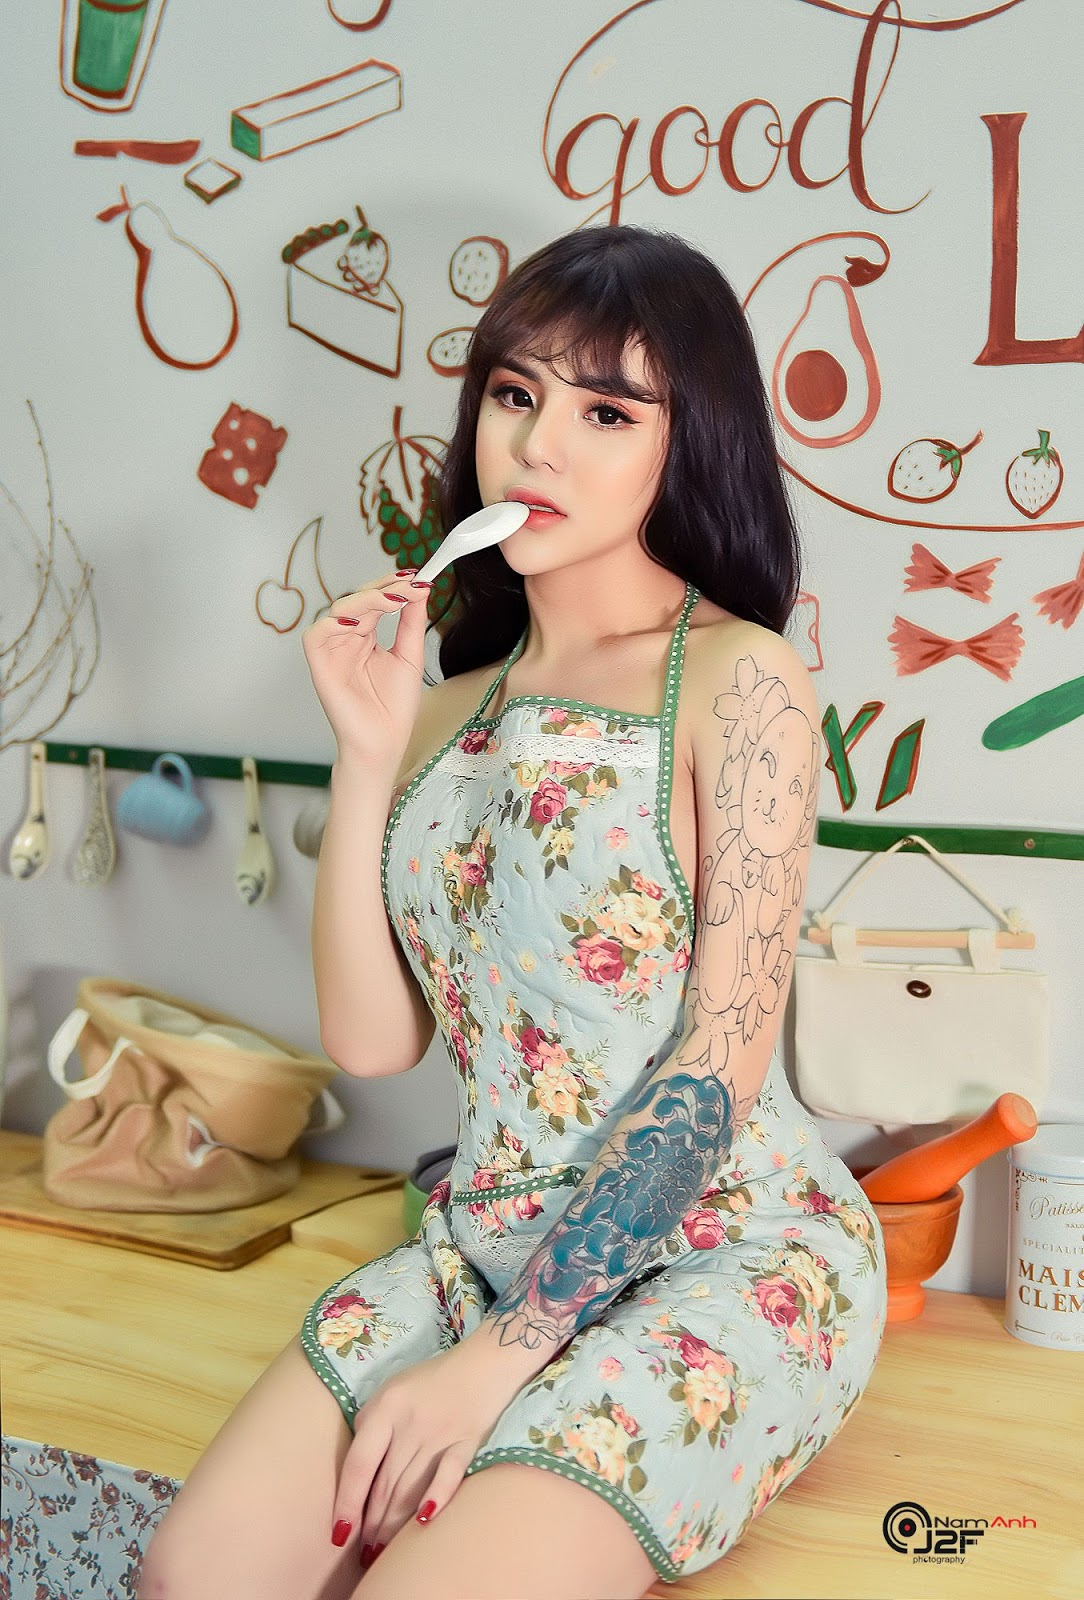 Bộ Ảnh Gái Xinh Xăm Mình Hở Bạo Cực Sexy @BaoBua: Eva